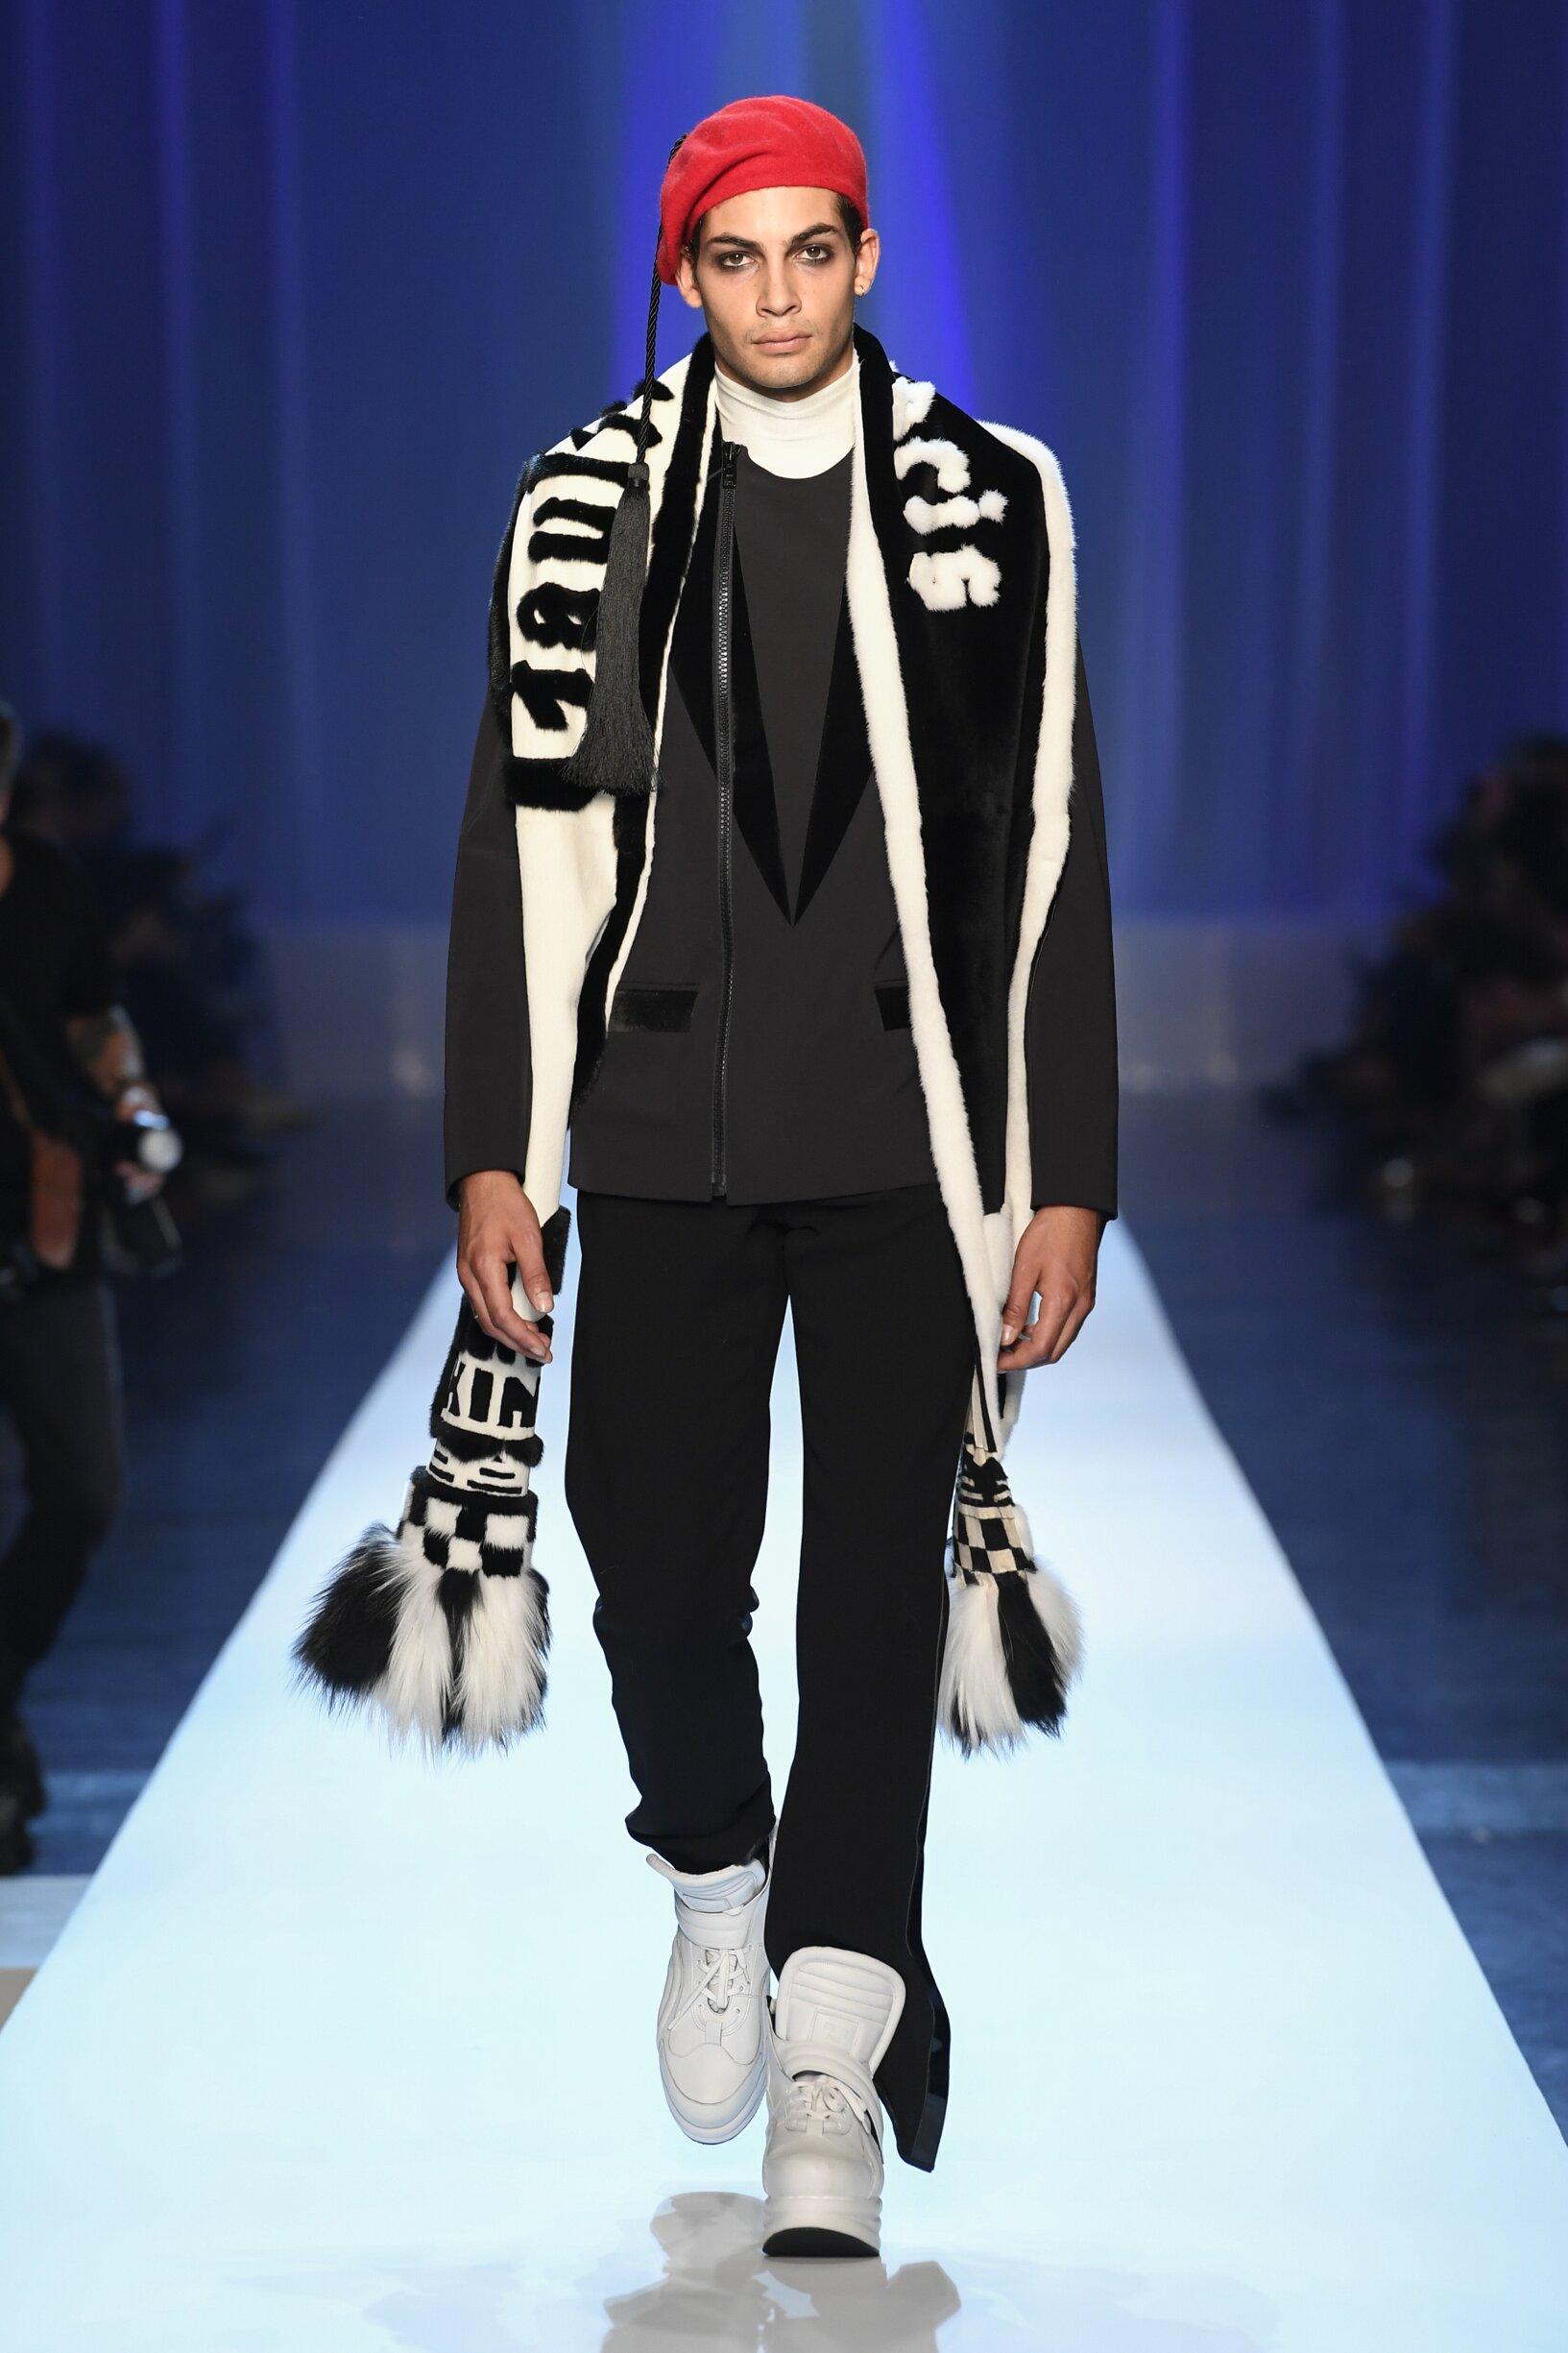 Model Fashion Show Jean-Paul Gaultier Haute Couture